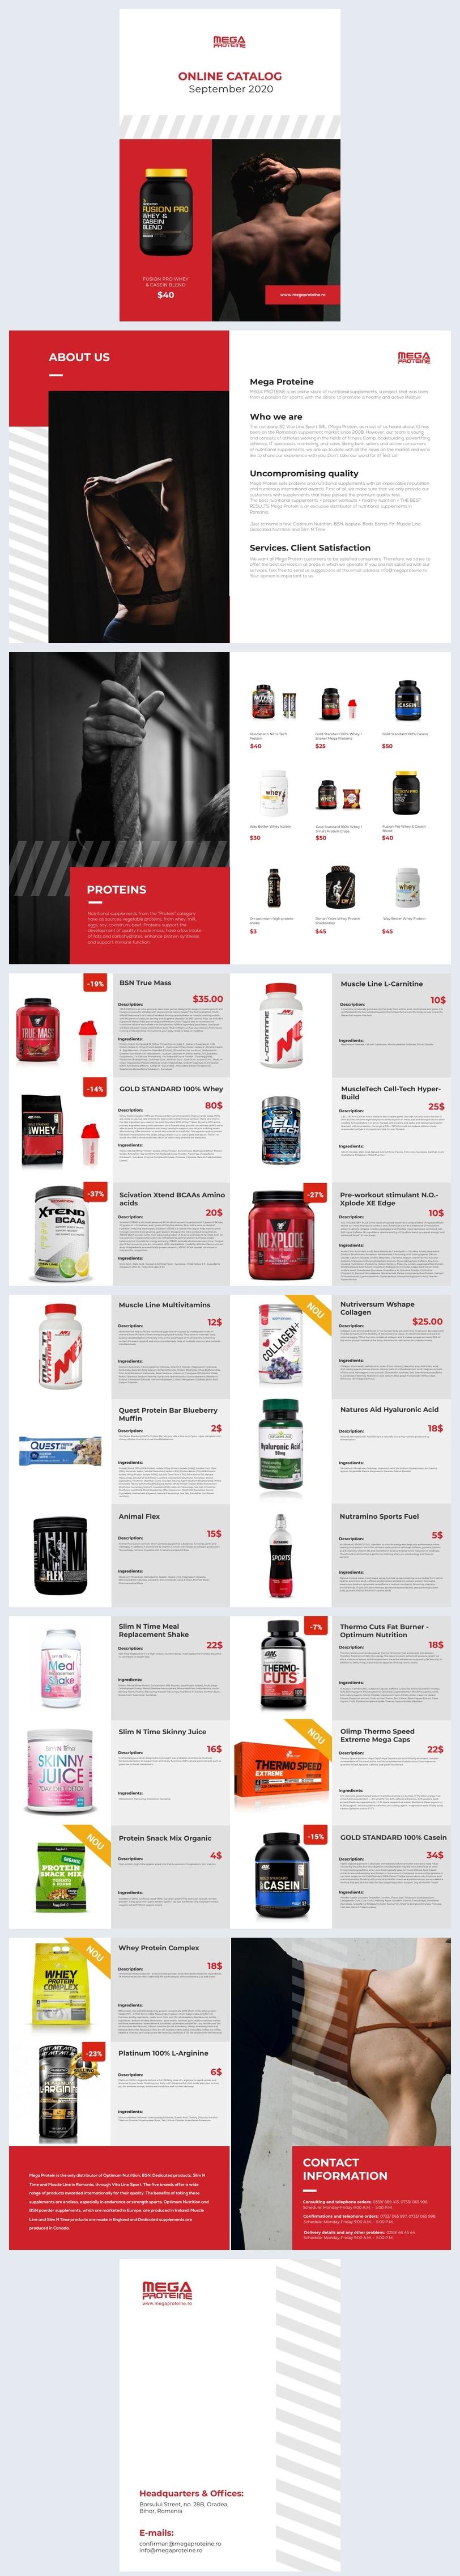 Design de Catálogo de Produtos Online Automatizado